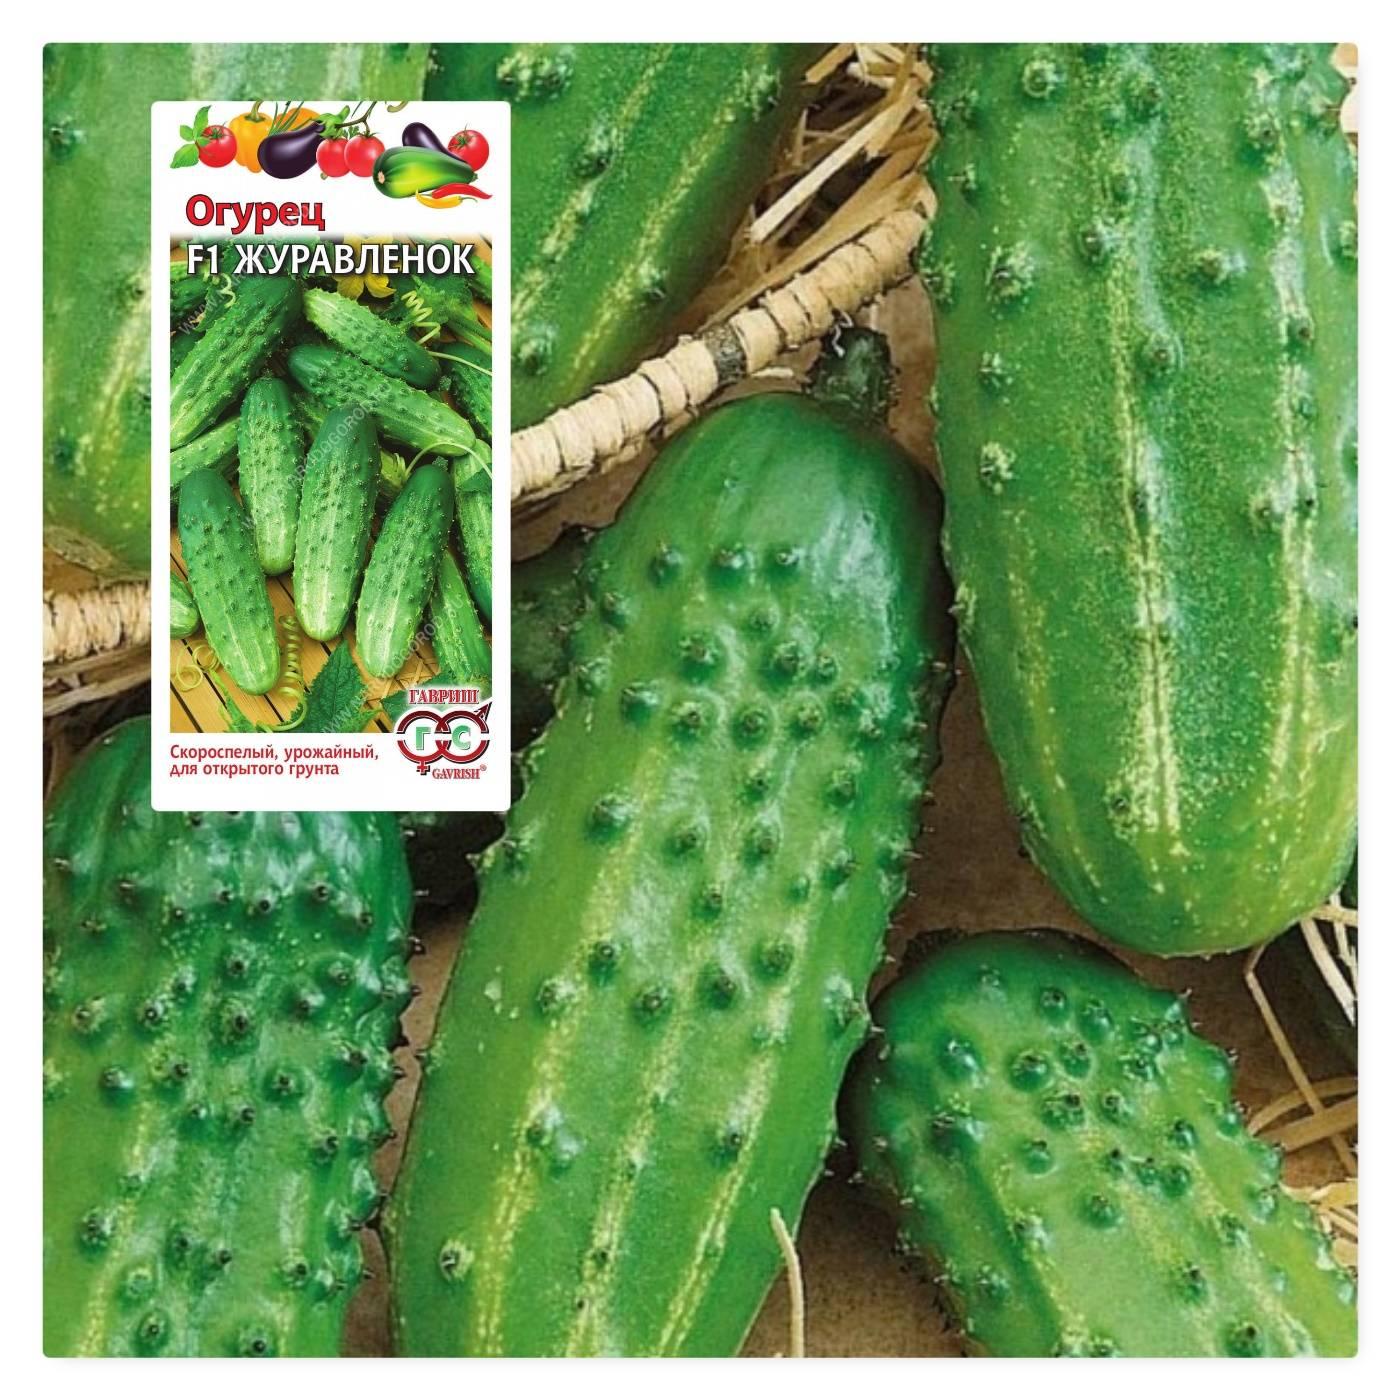 Огурец хрустишка f1: отзывы и фото, описание сорта, как выращивать рассаду